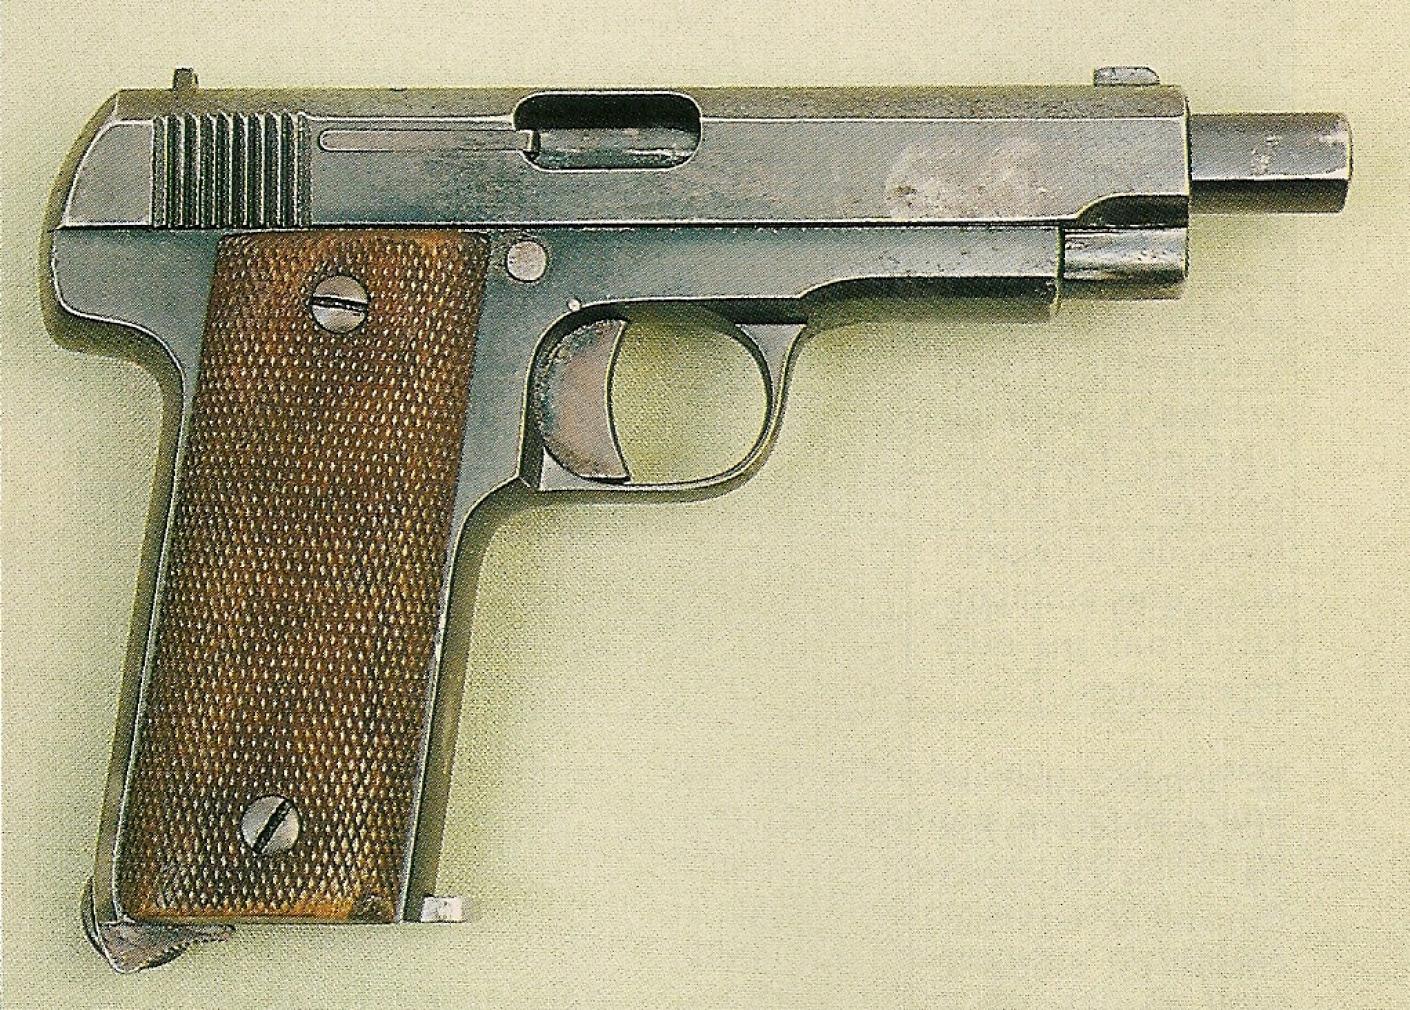 Aujourd'hui encore, la silhouette sobre et martiale du pistolet semi-automatique fabriqué par Gaspar Arizaga n'est pas déplaisante, ni véritablement démodée.